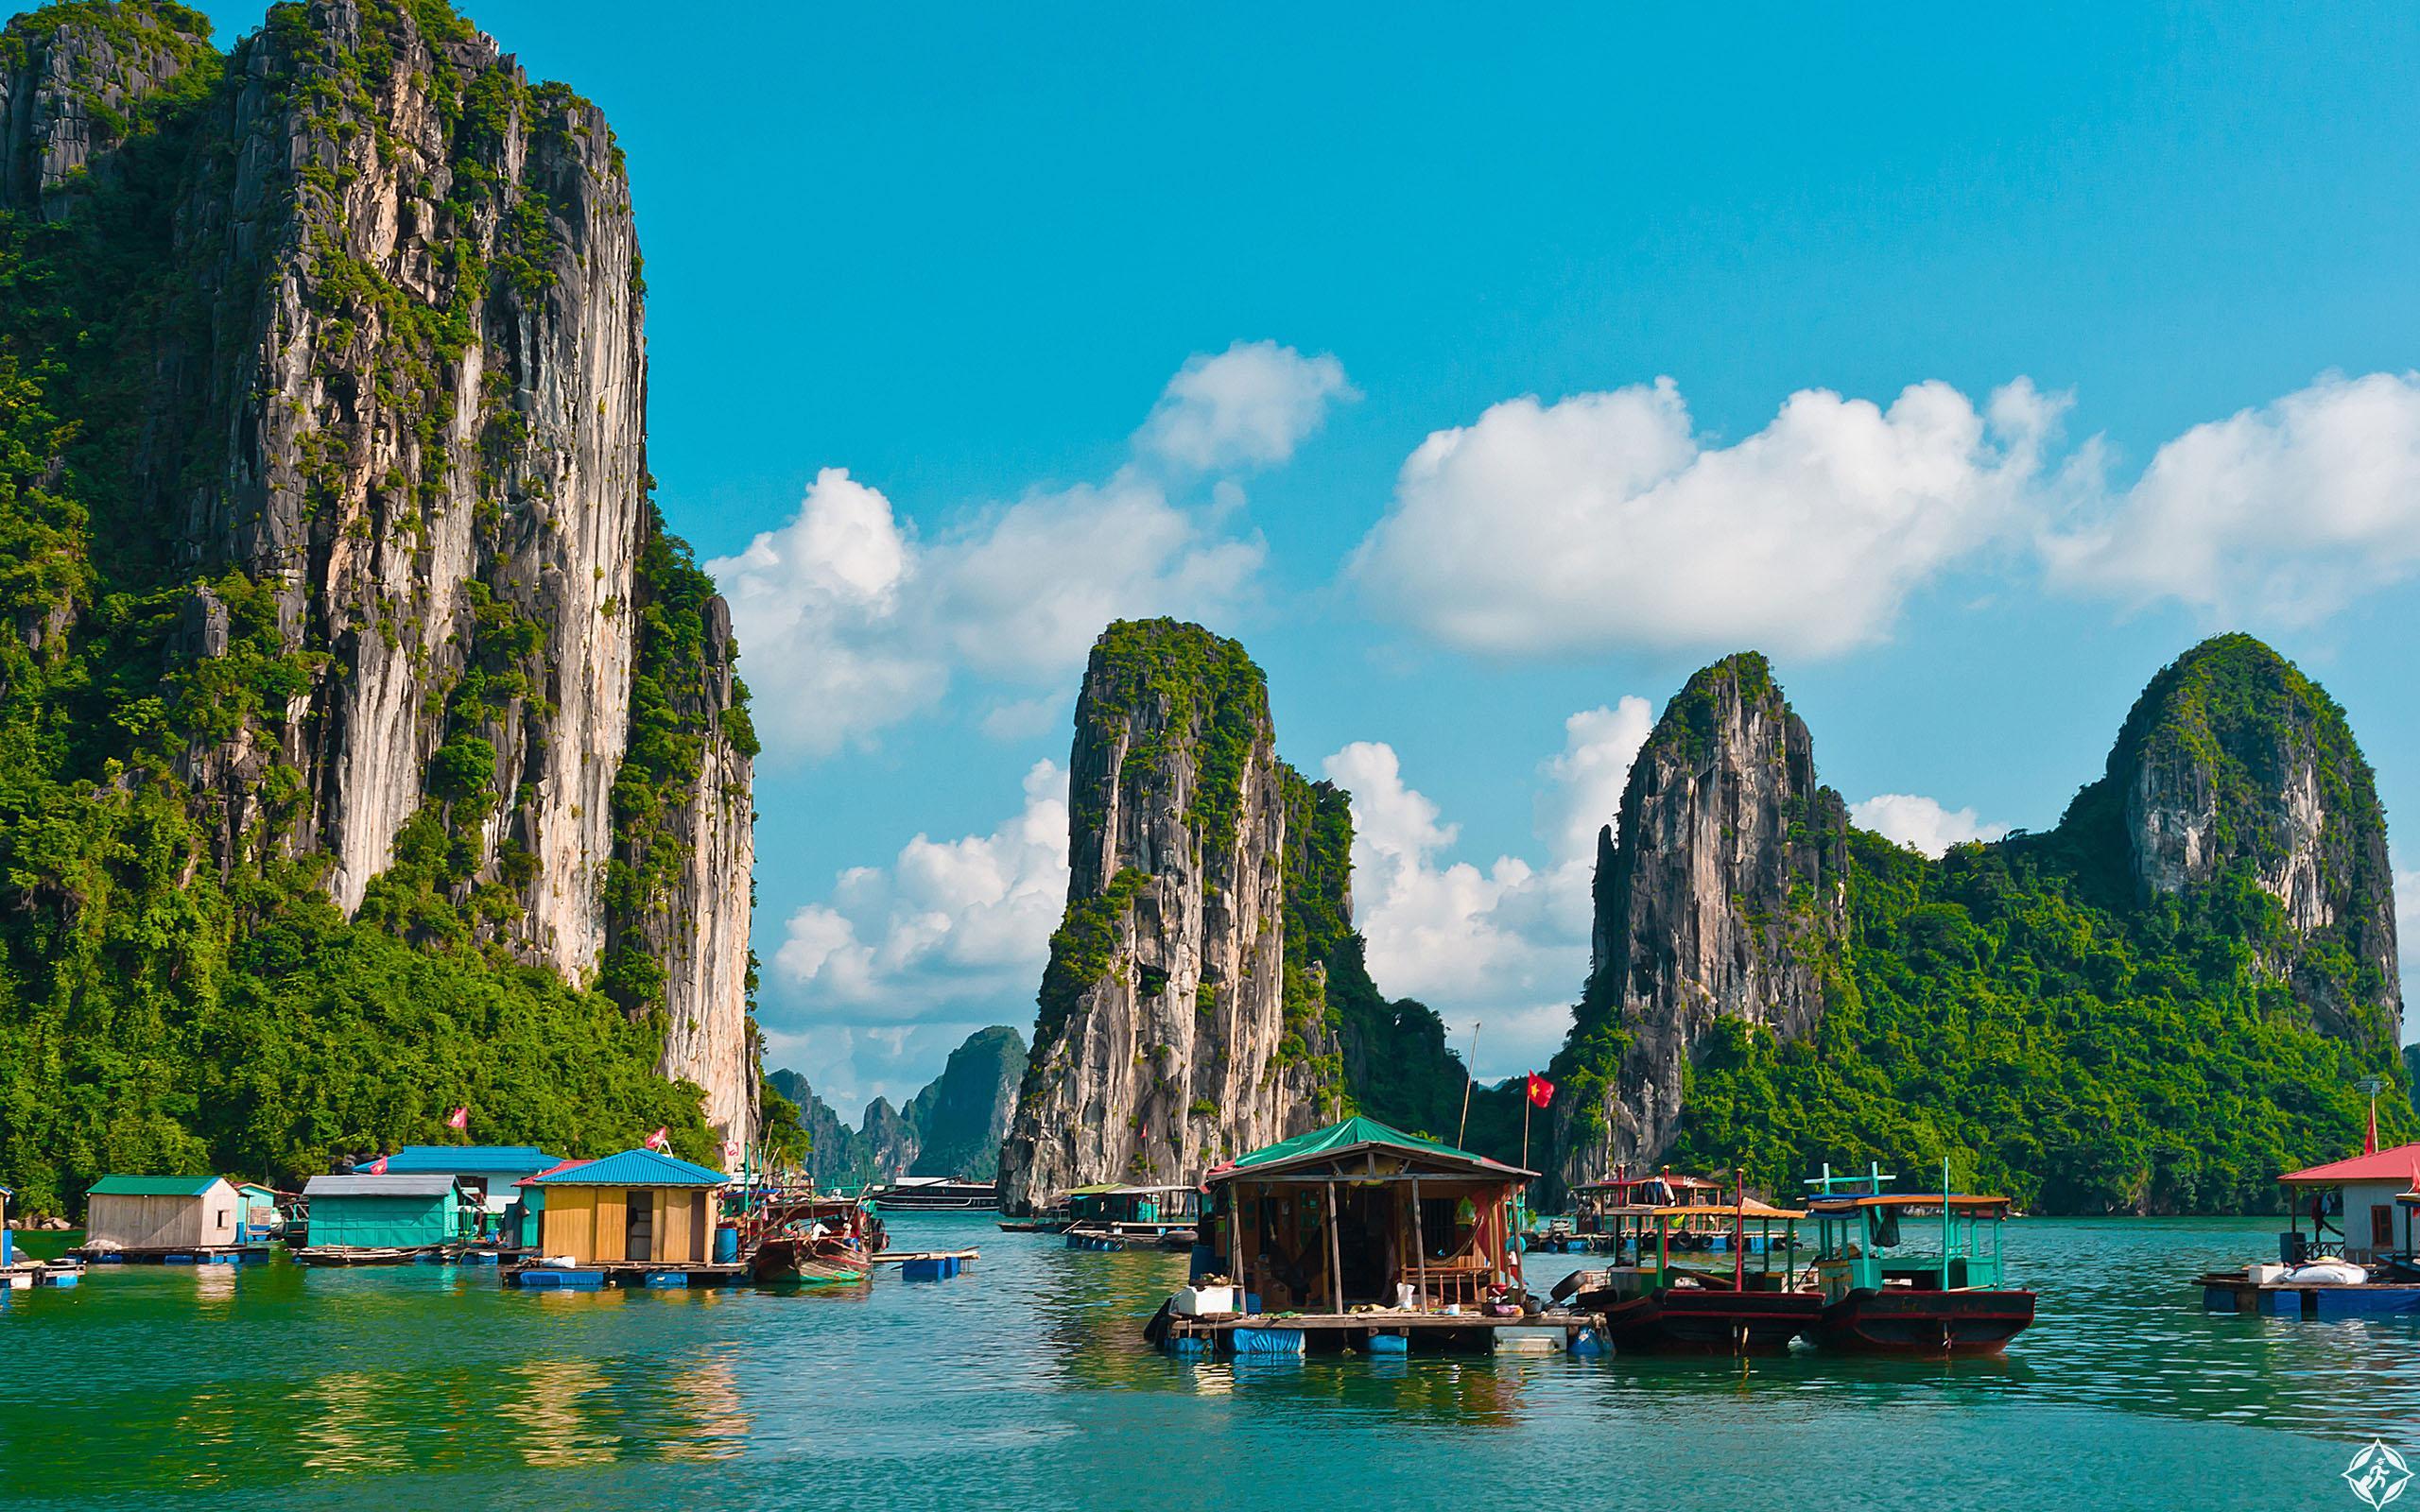 هانوي الأسطورية